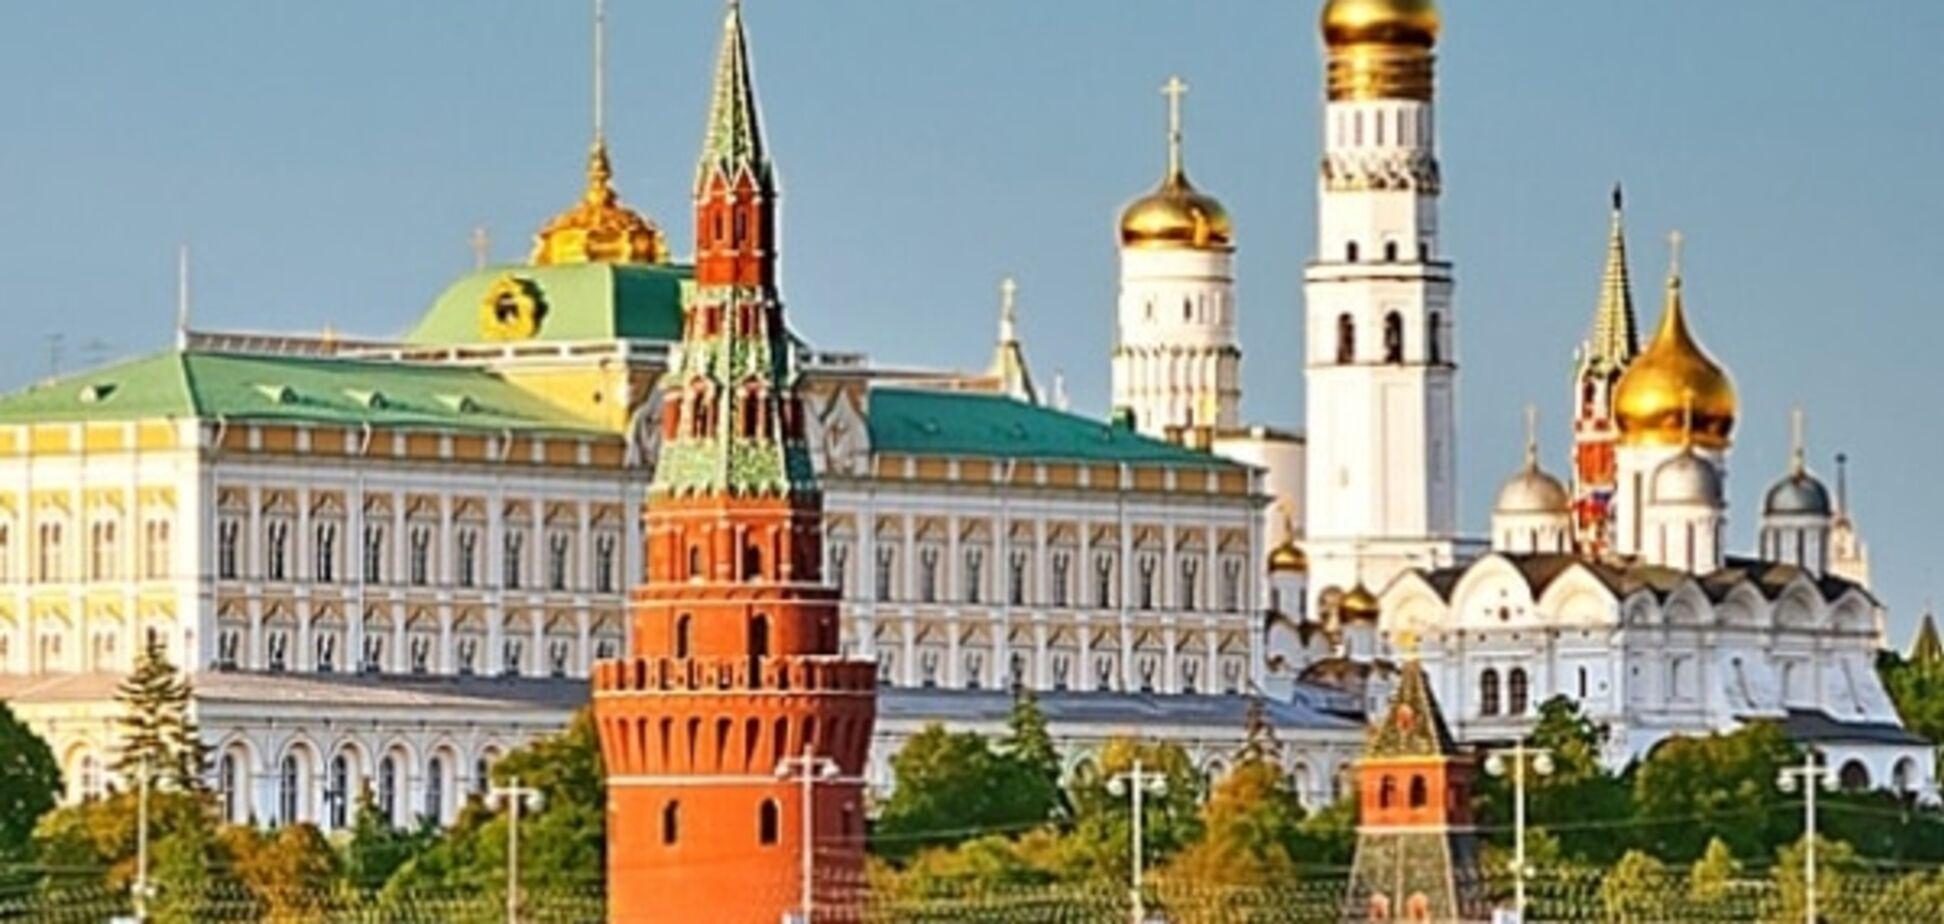 Нова людина в Кремлі: Окара пояснив, навіщо Путіну Кудрін